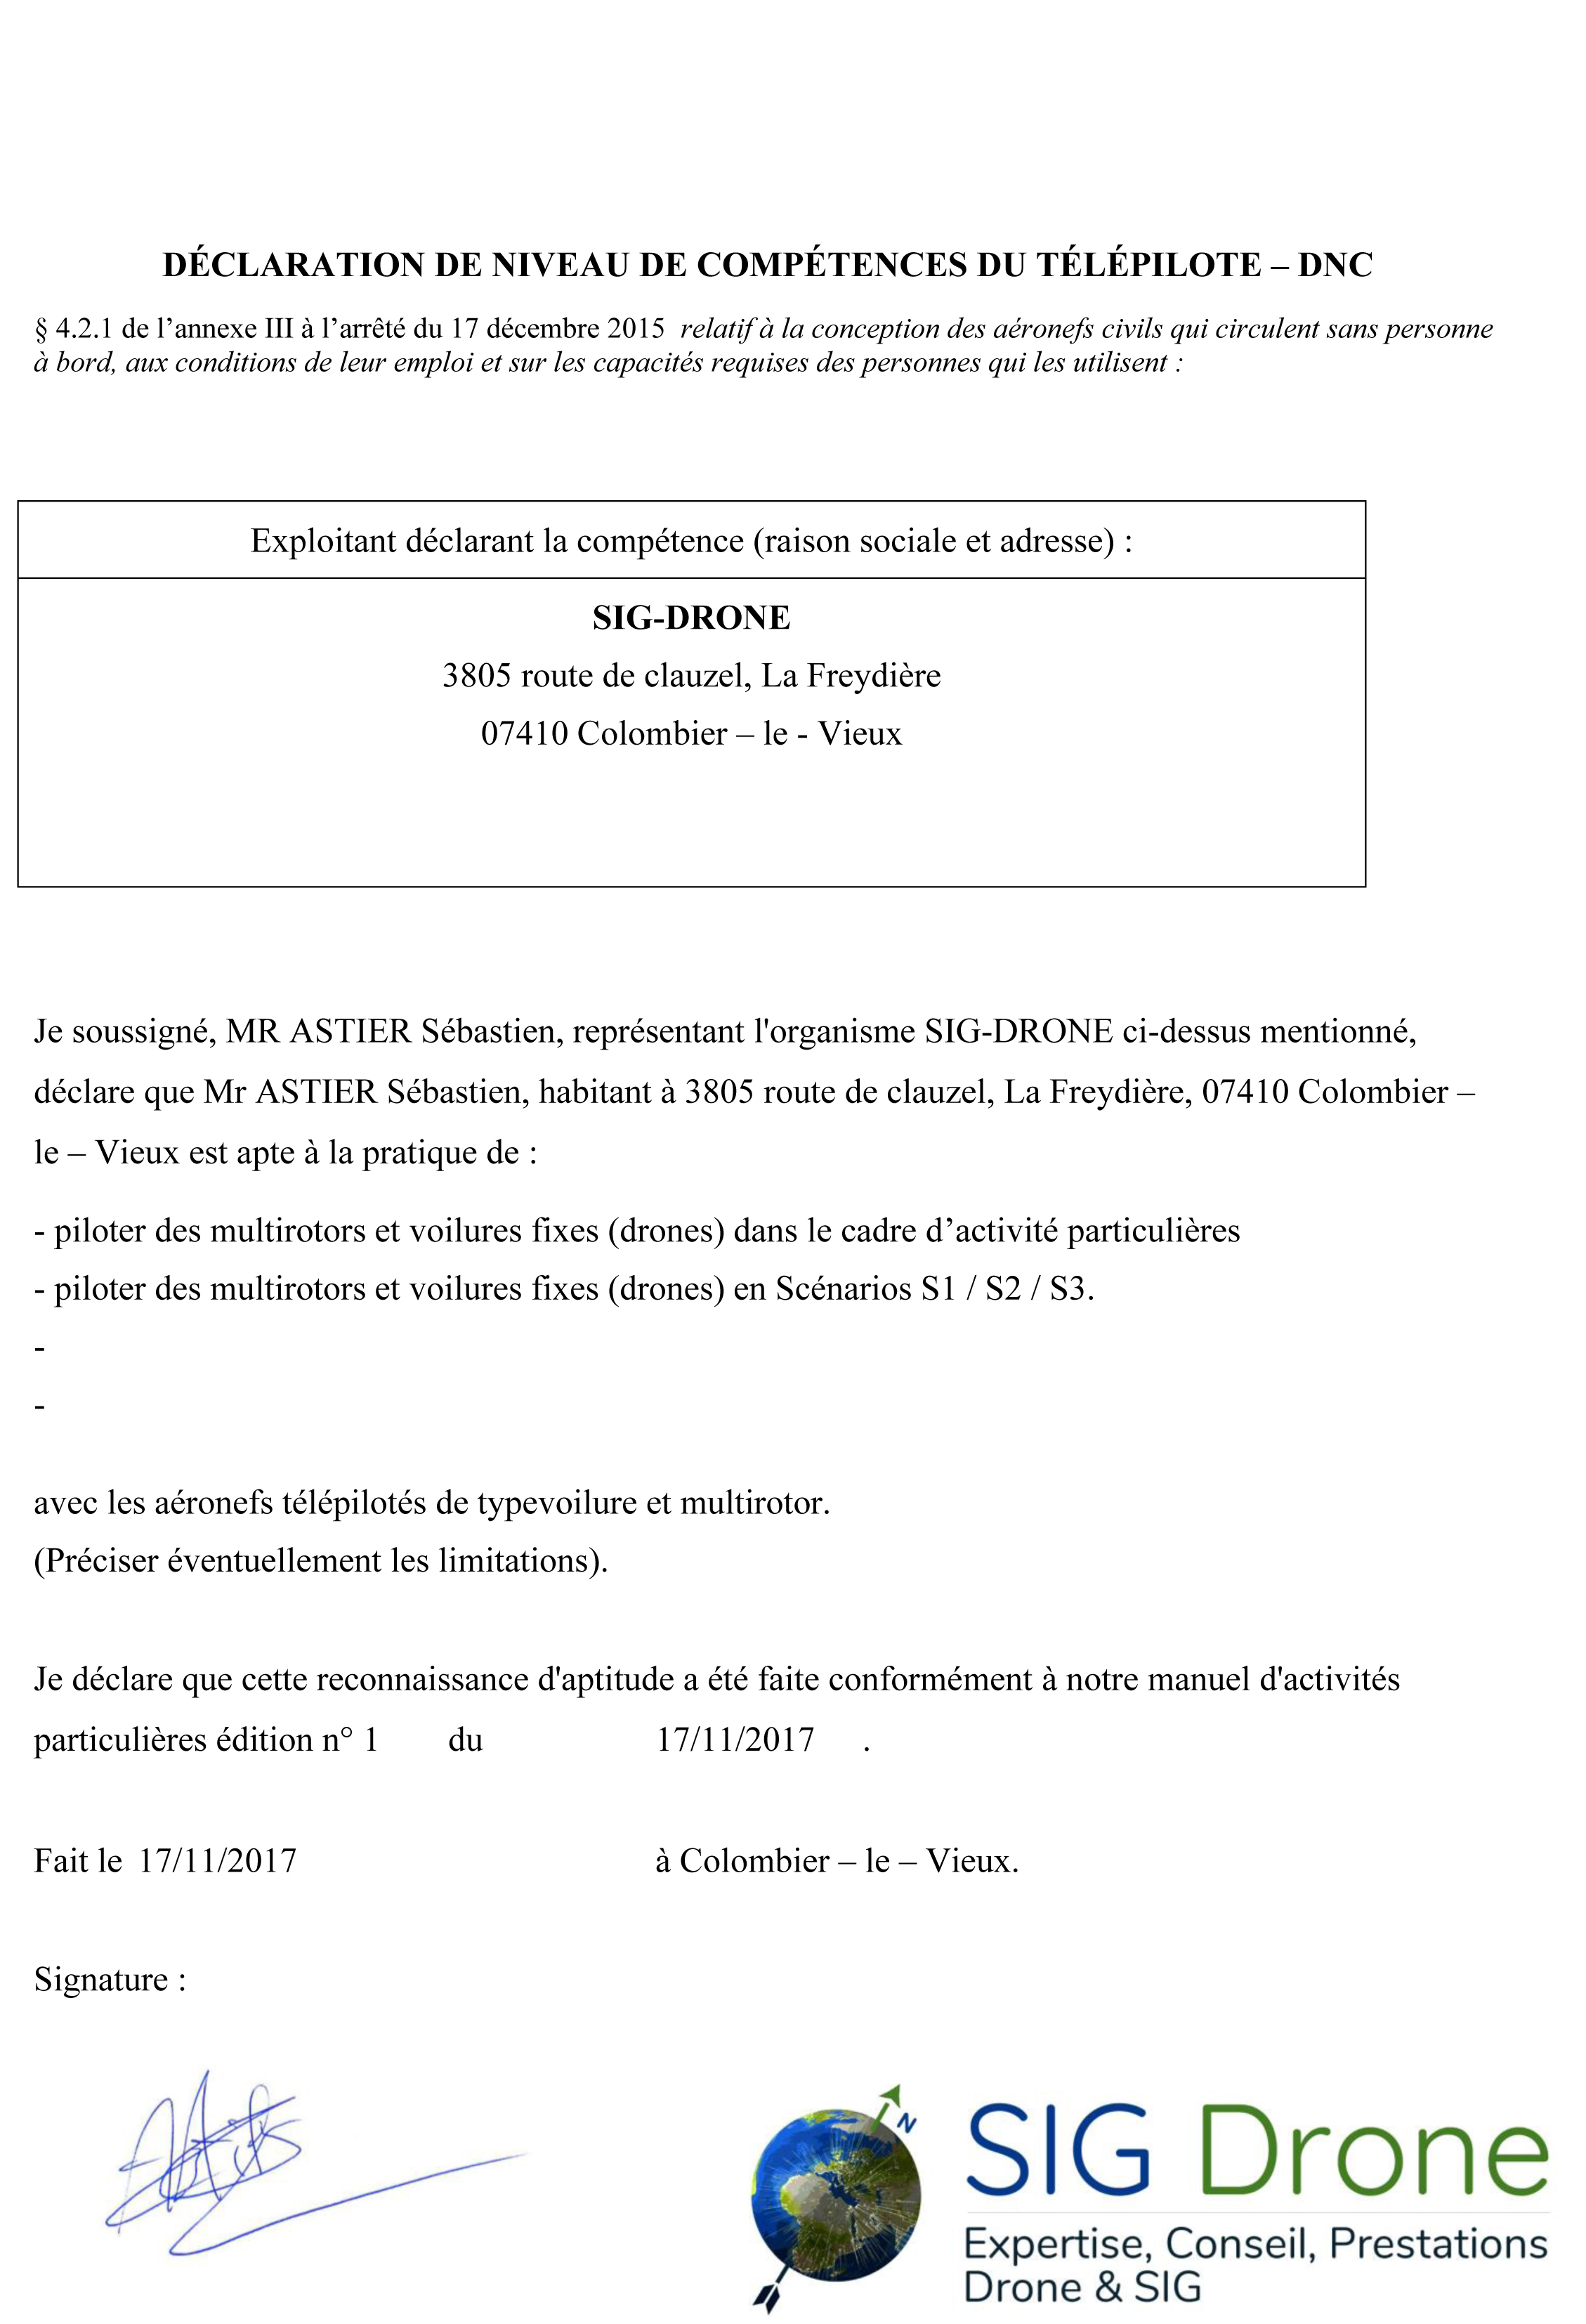 APPENDICE II-4 À L'ANNEXE RELATIVE AUX AÉRONEFS TÉLÉPILOTÉS : CA